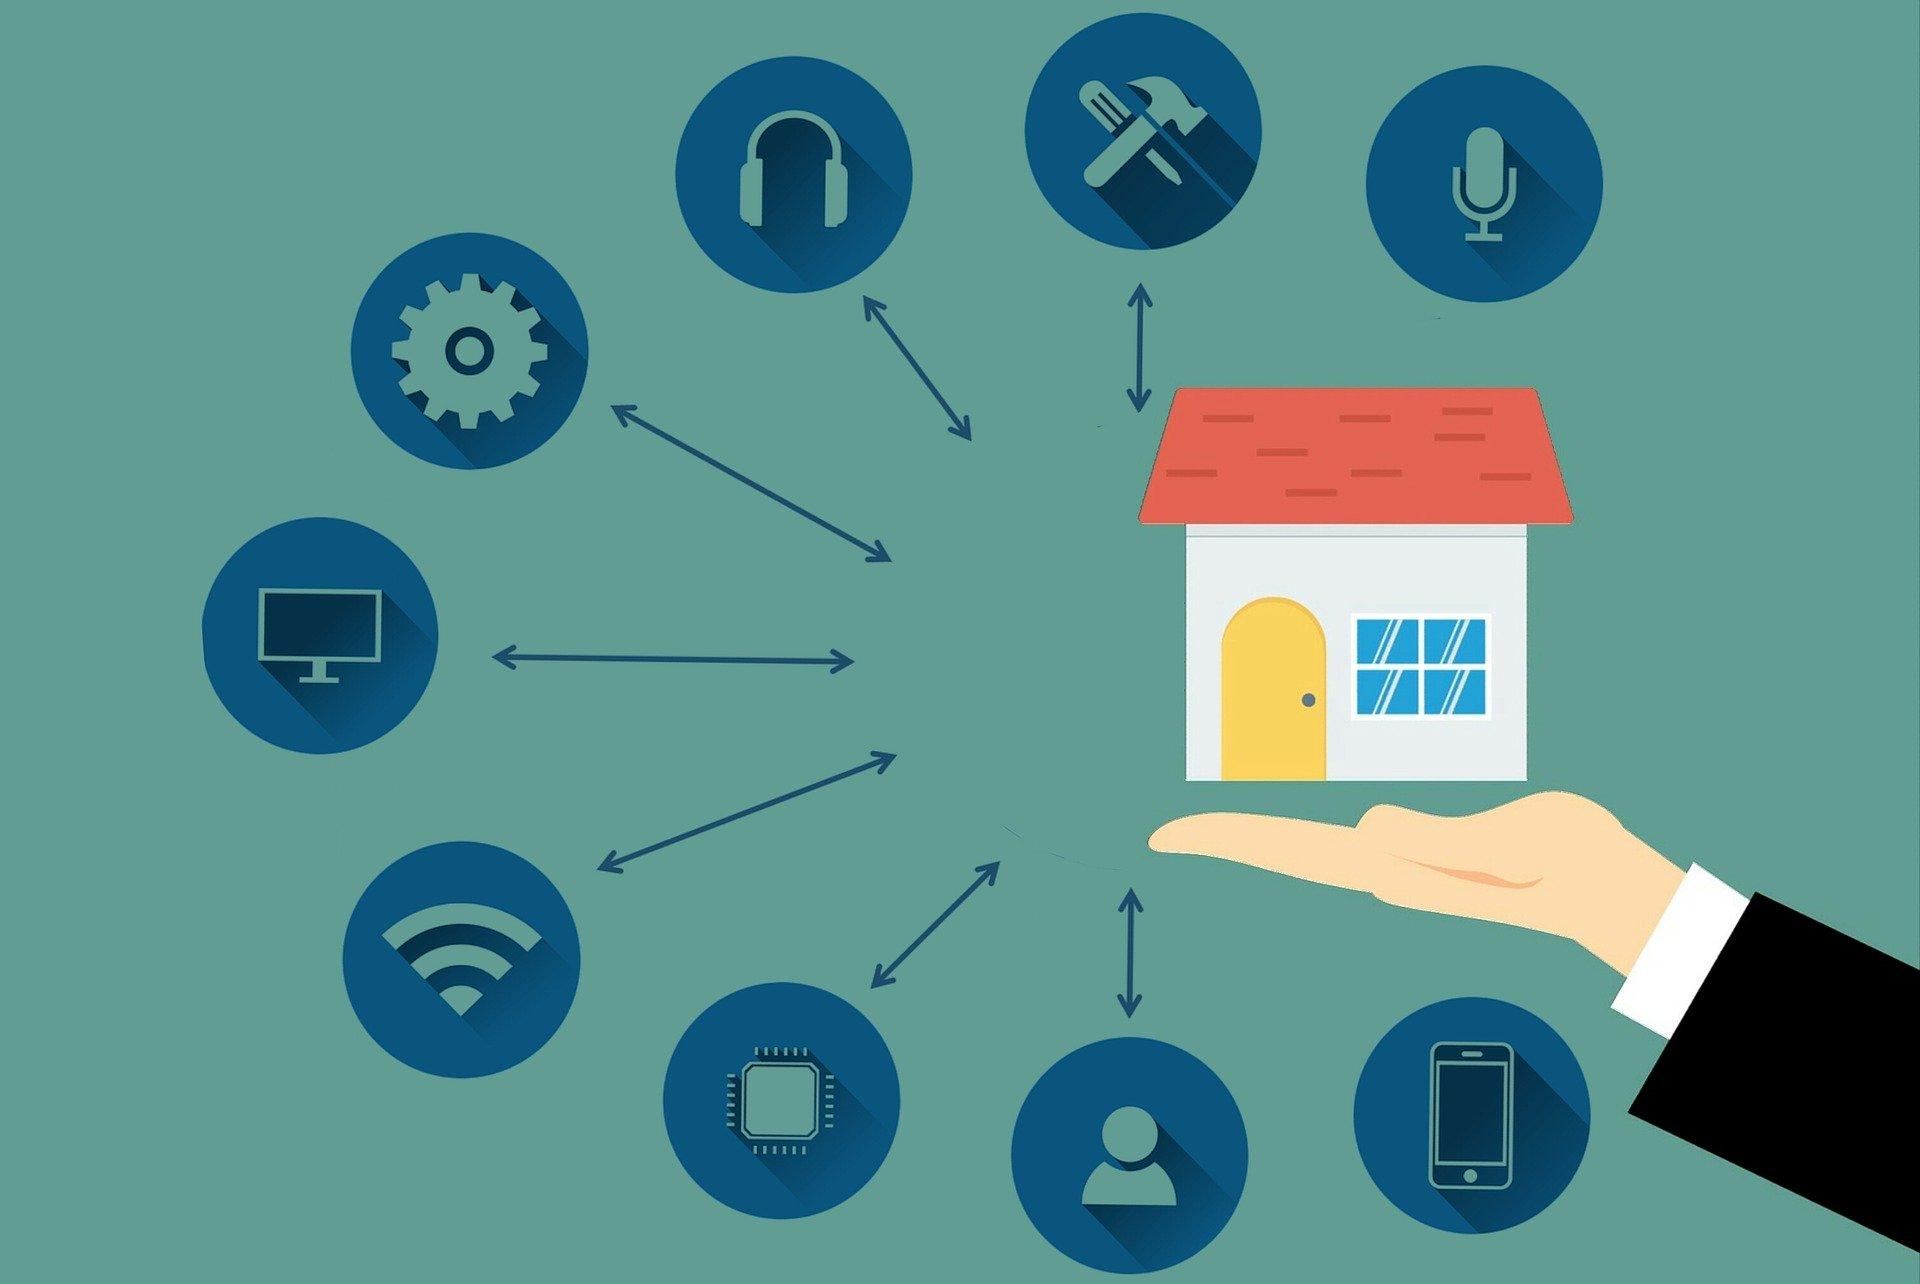 La casa connessa consente di tenere sotto controllo gli impianti